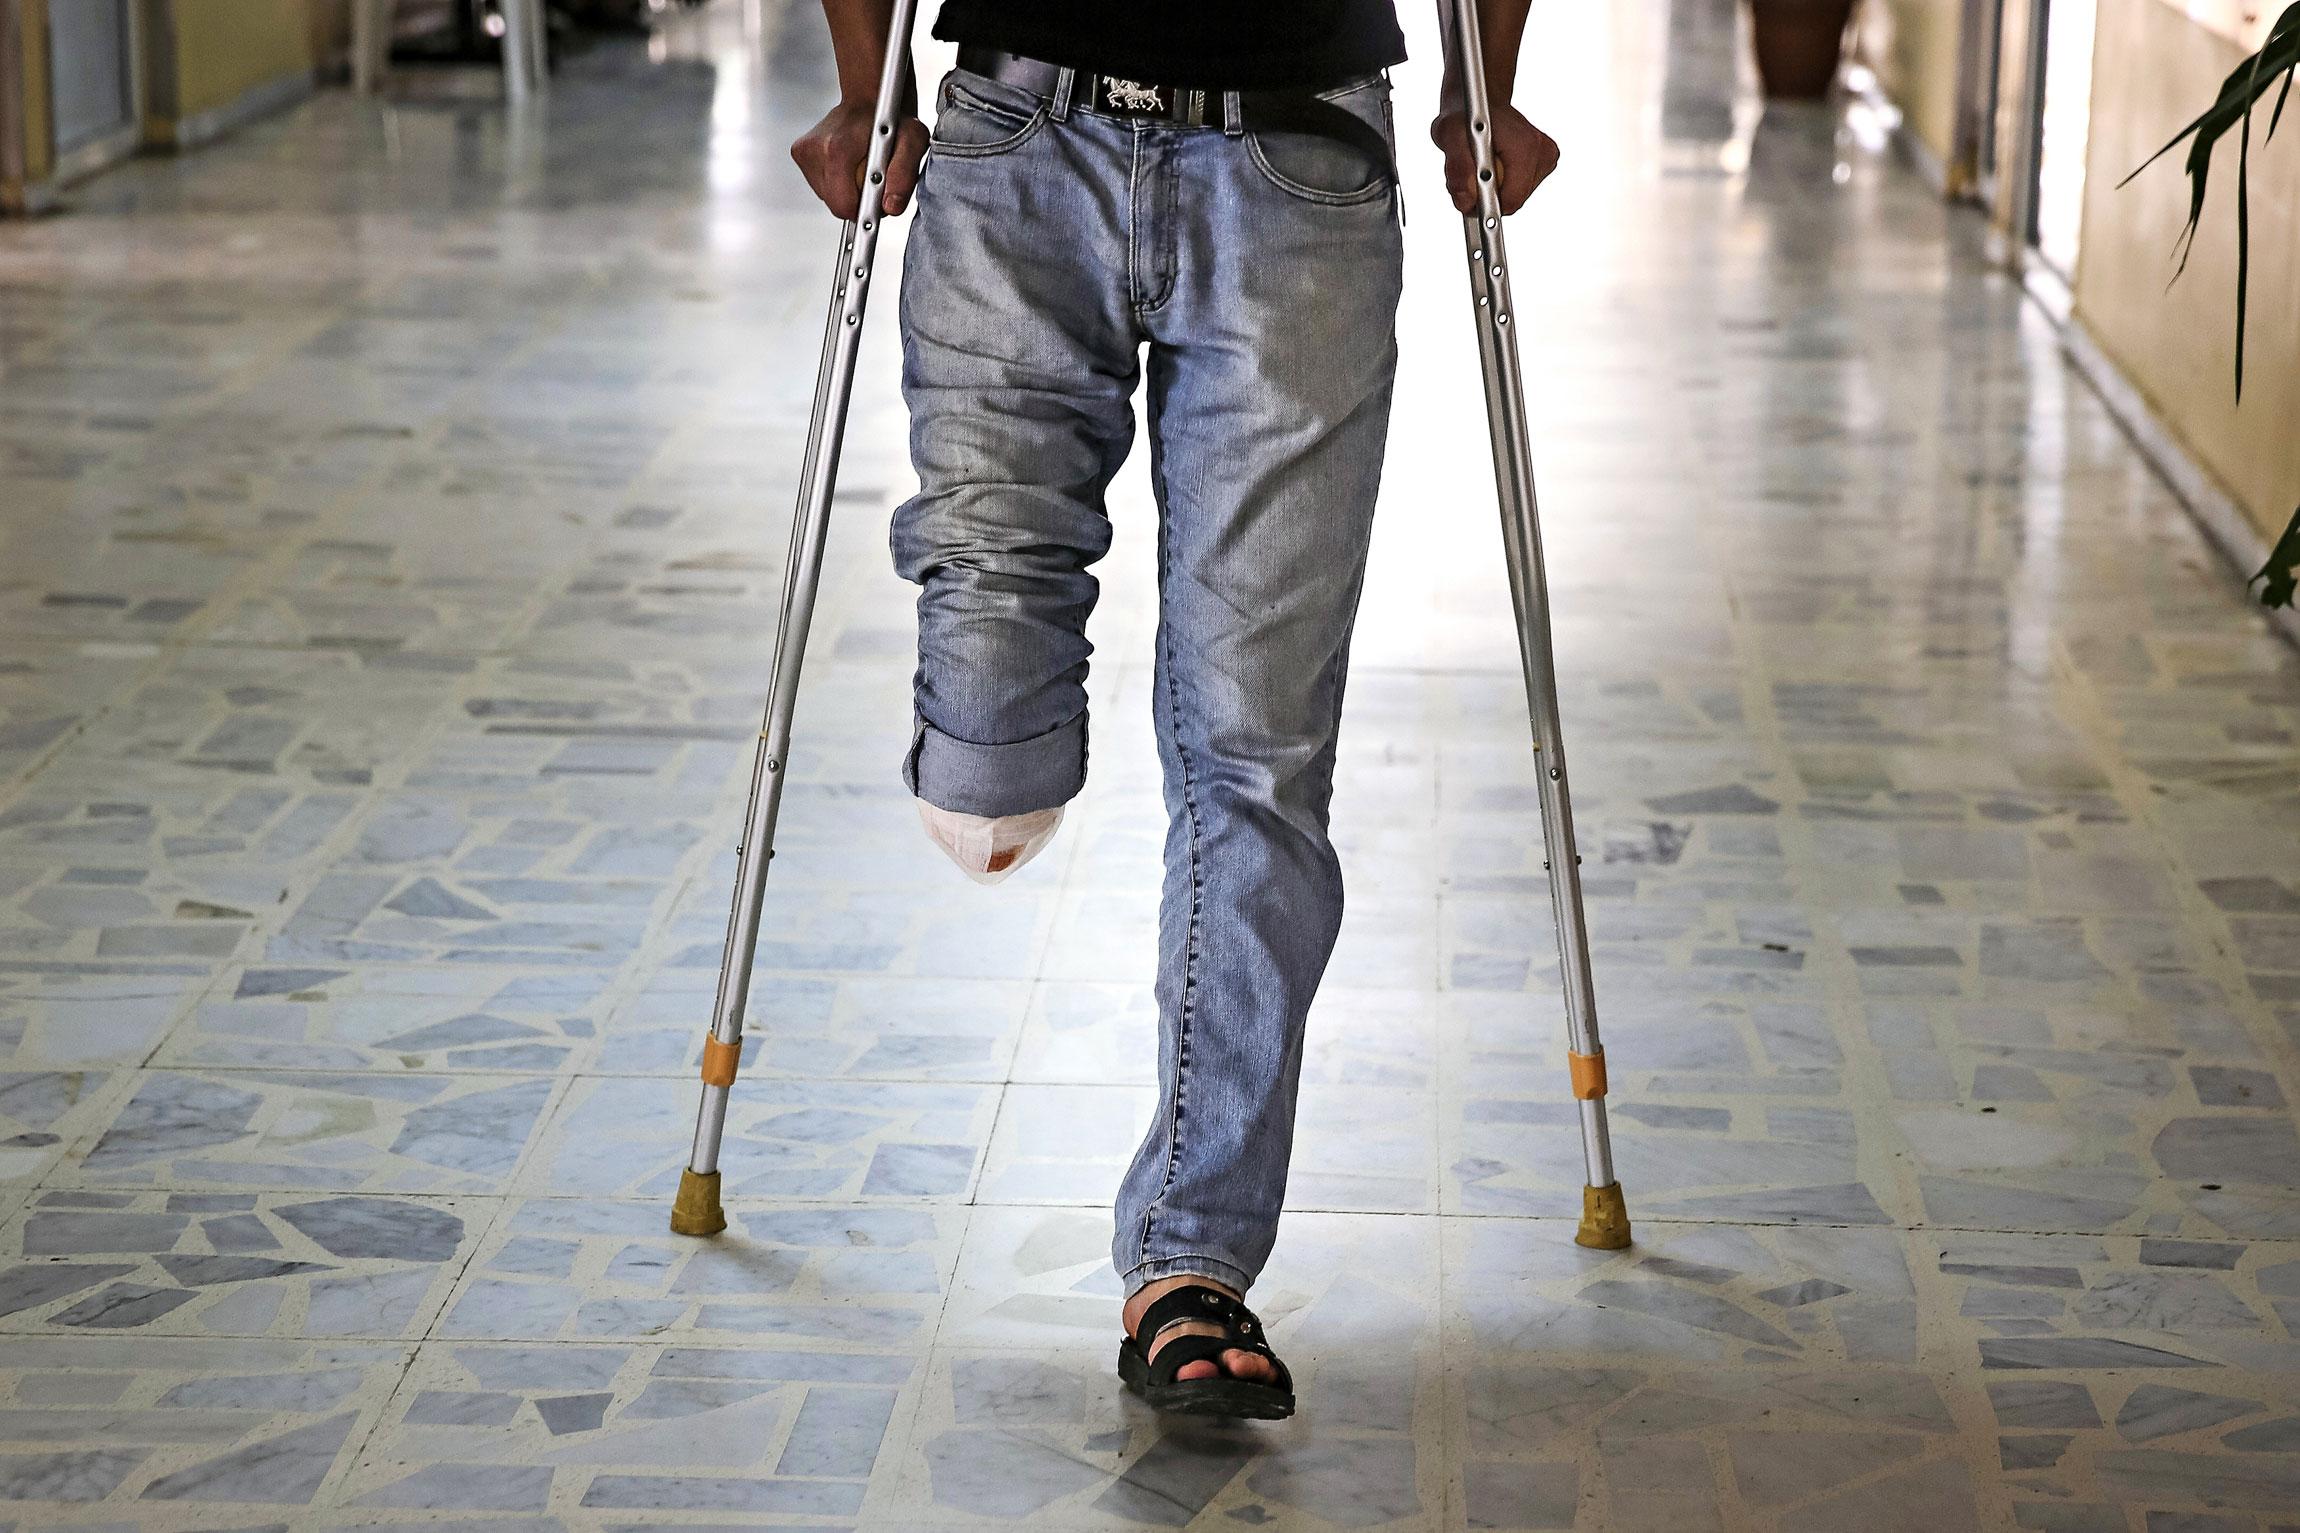 Syyrian sota tulee vastaan Tripolissa sijaitsevan pienen sairaalan käytävillä.